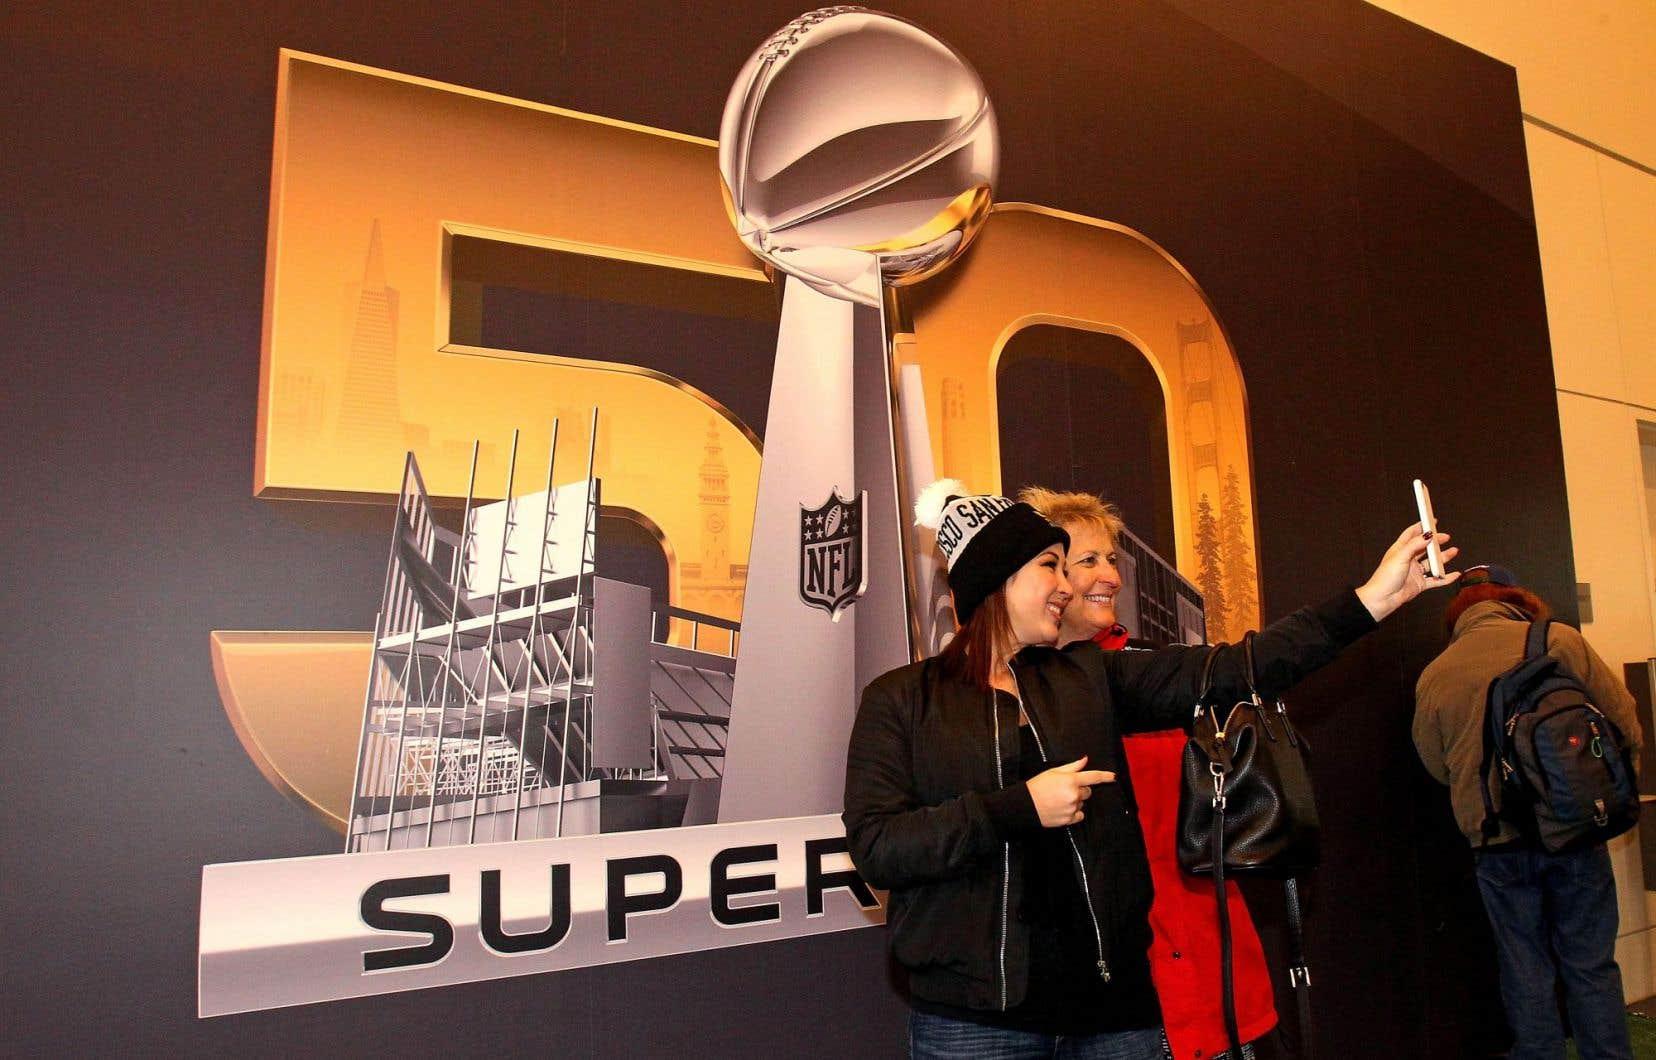 Certes, les annonces du Super Bowl sont passablement divertissantes, mais il se peut que notre amusement cache aussi une fascination pour la logique publicitaire elle-même.